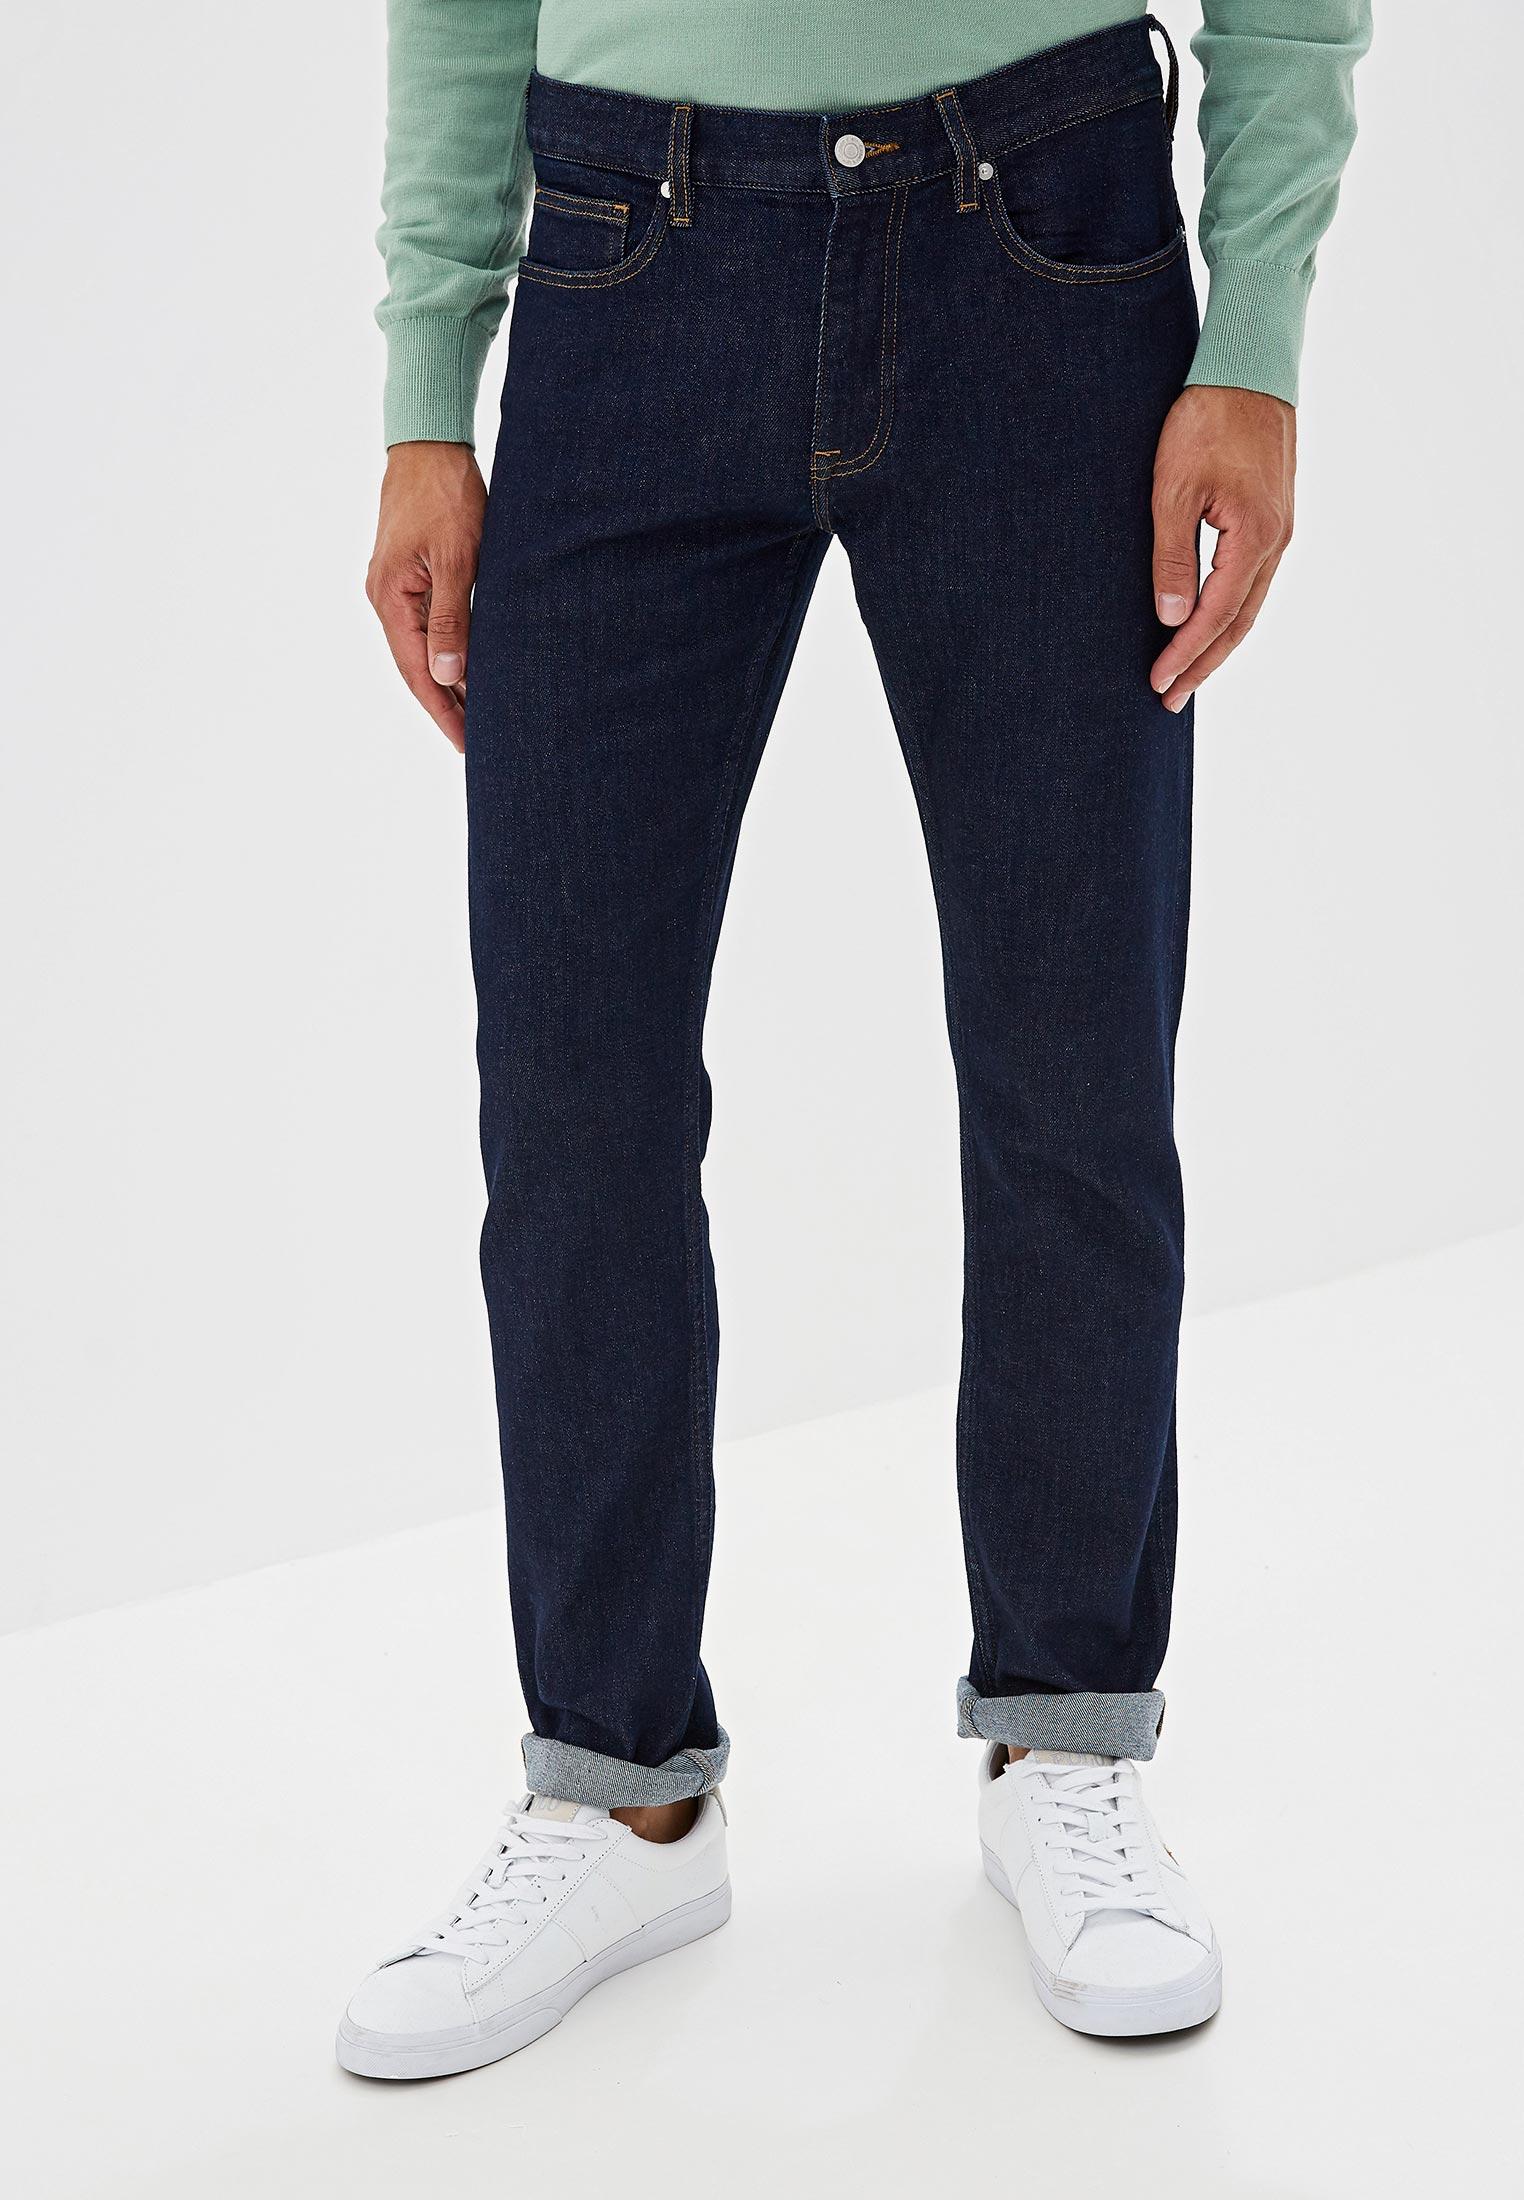 Зауженные джинсы Calvin Klein (Кельвин Кляйн) k10k104359: изображение 1